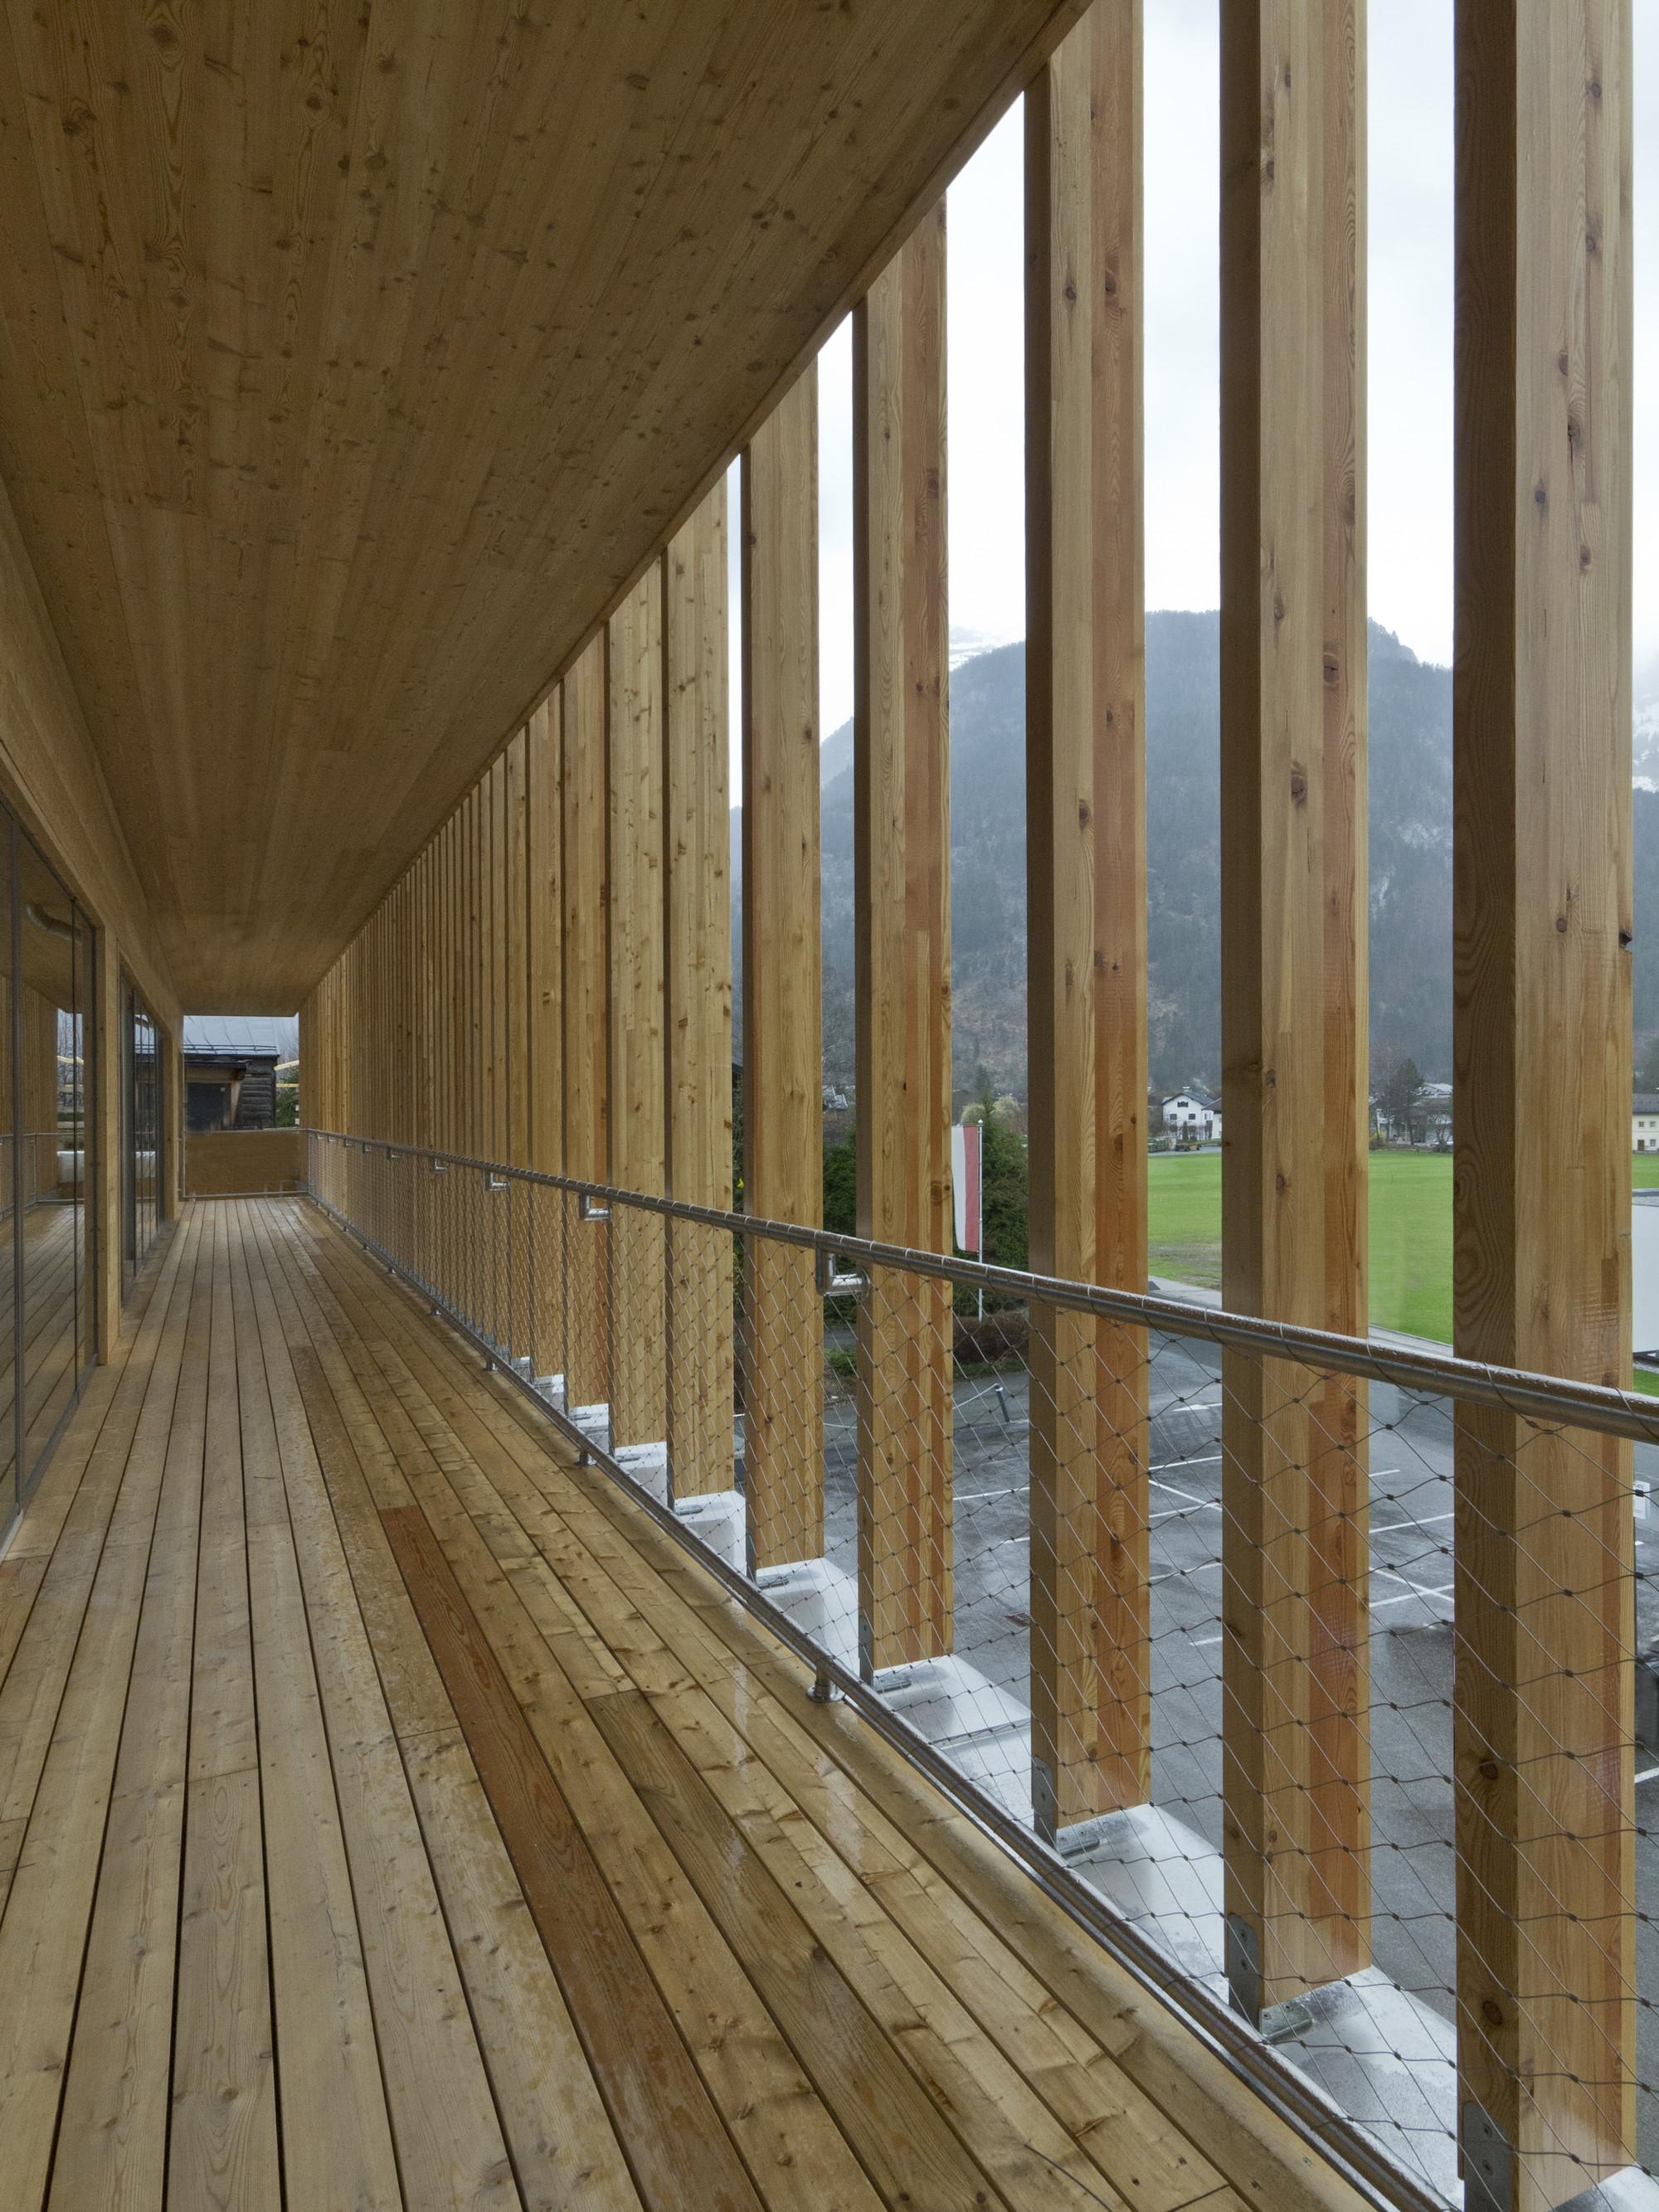 Holzbau architektur  Gallery of Meiberger Holzbau Office / LP Architektur - 3